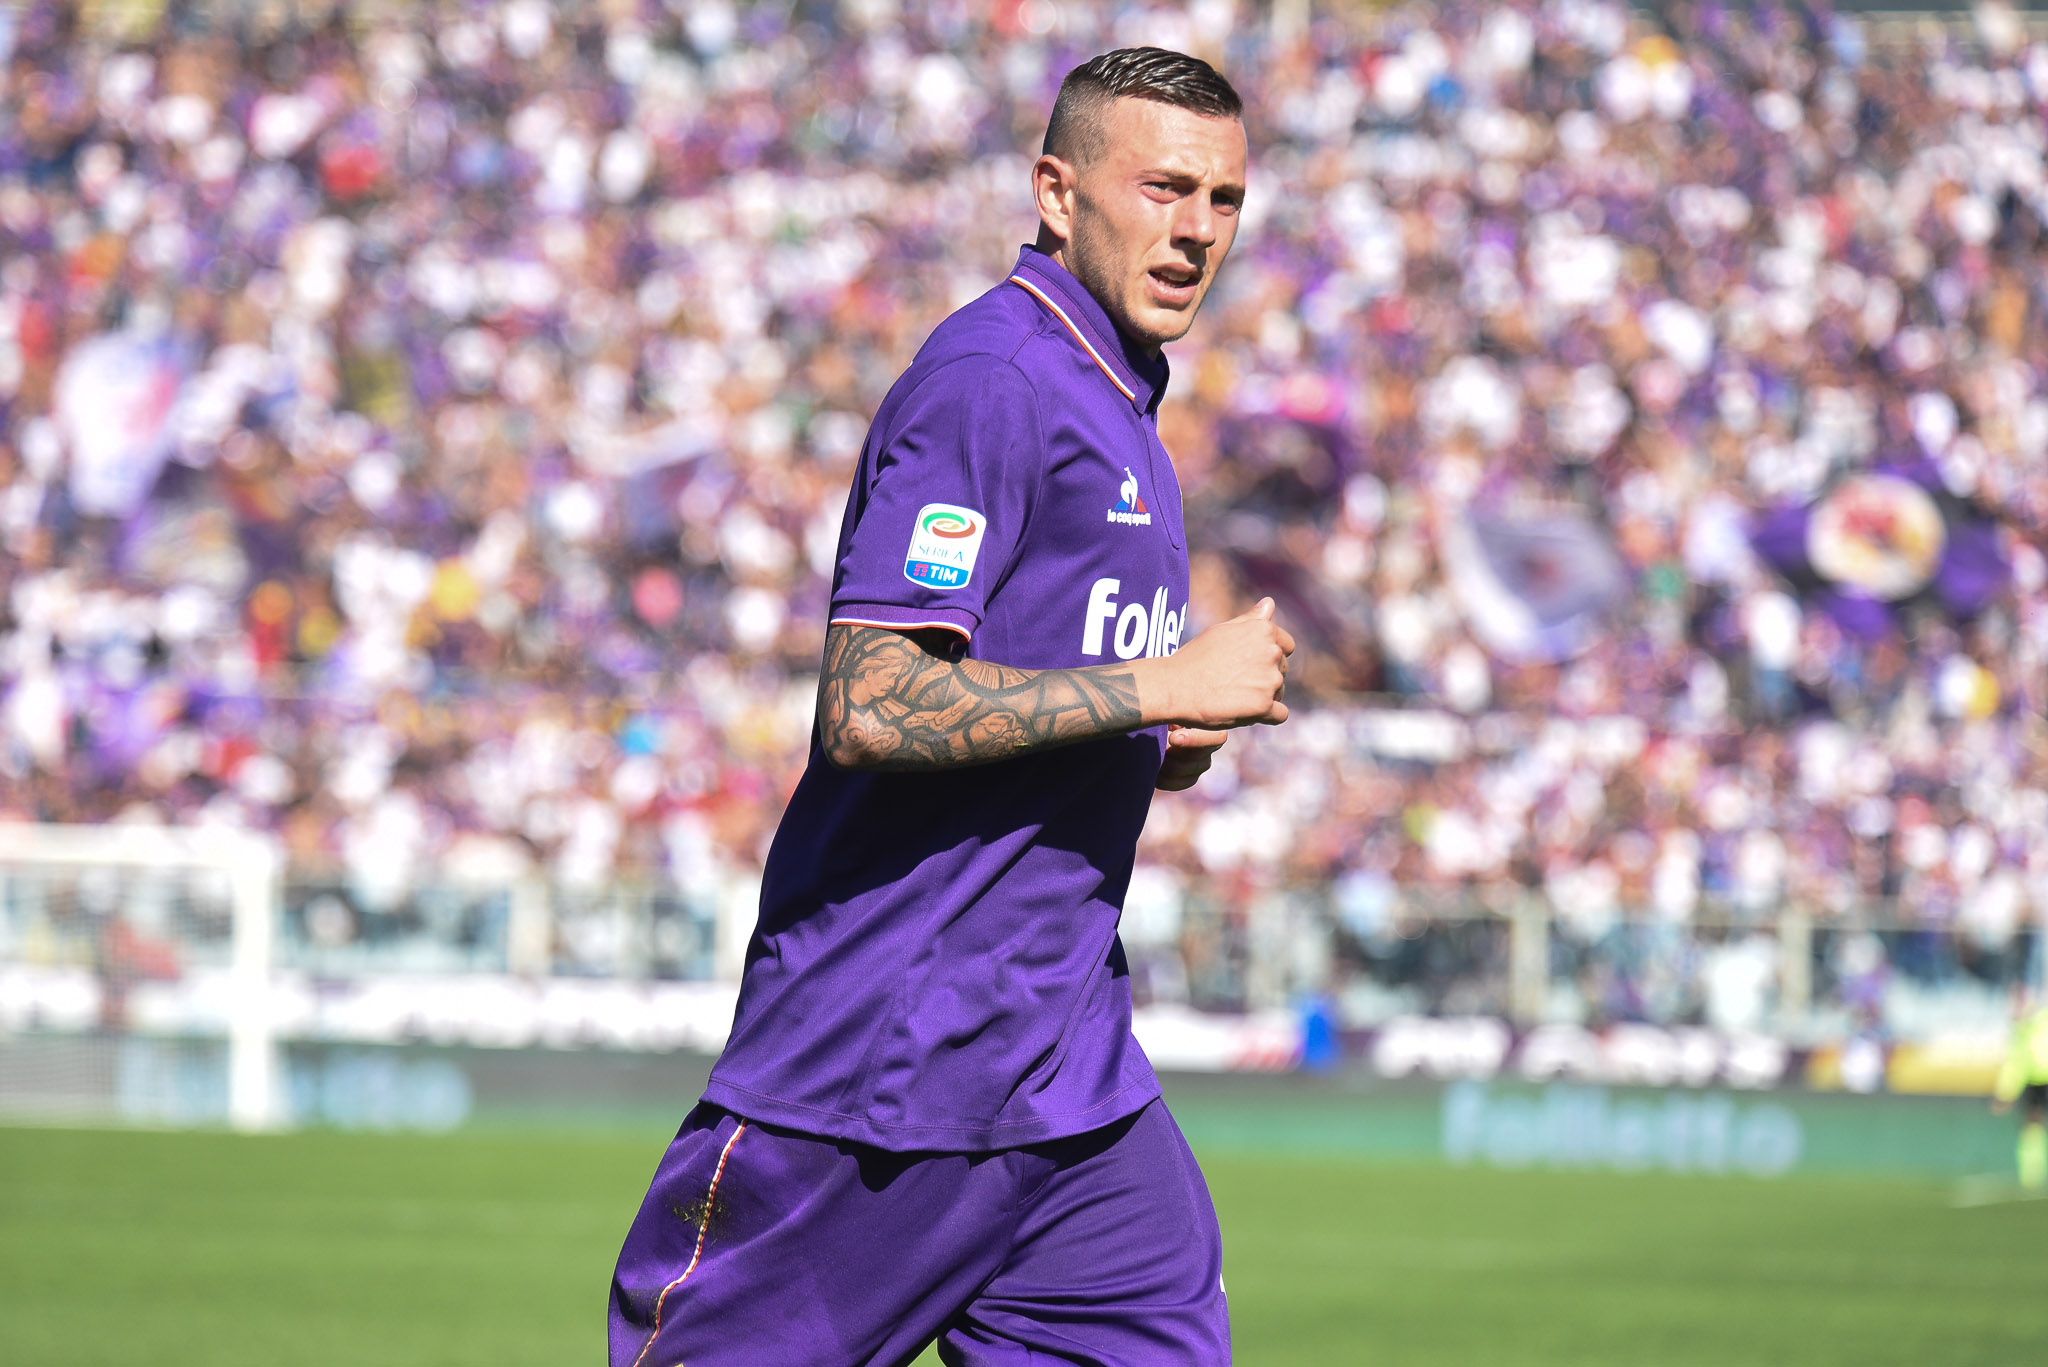 """Margiotta: """"Accordo con l'Inter fatto, per Berna 42 milioni più bonus. L'annuncio la prima di luglio…"""""""